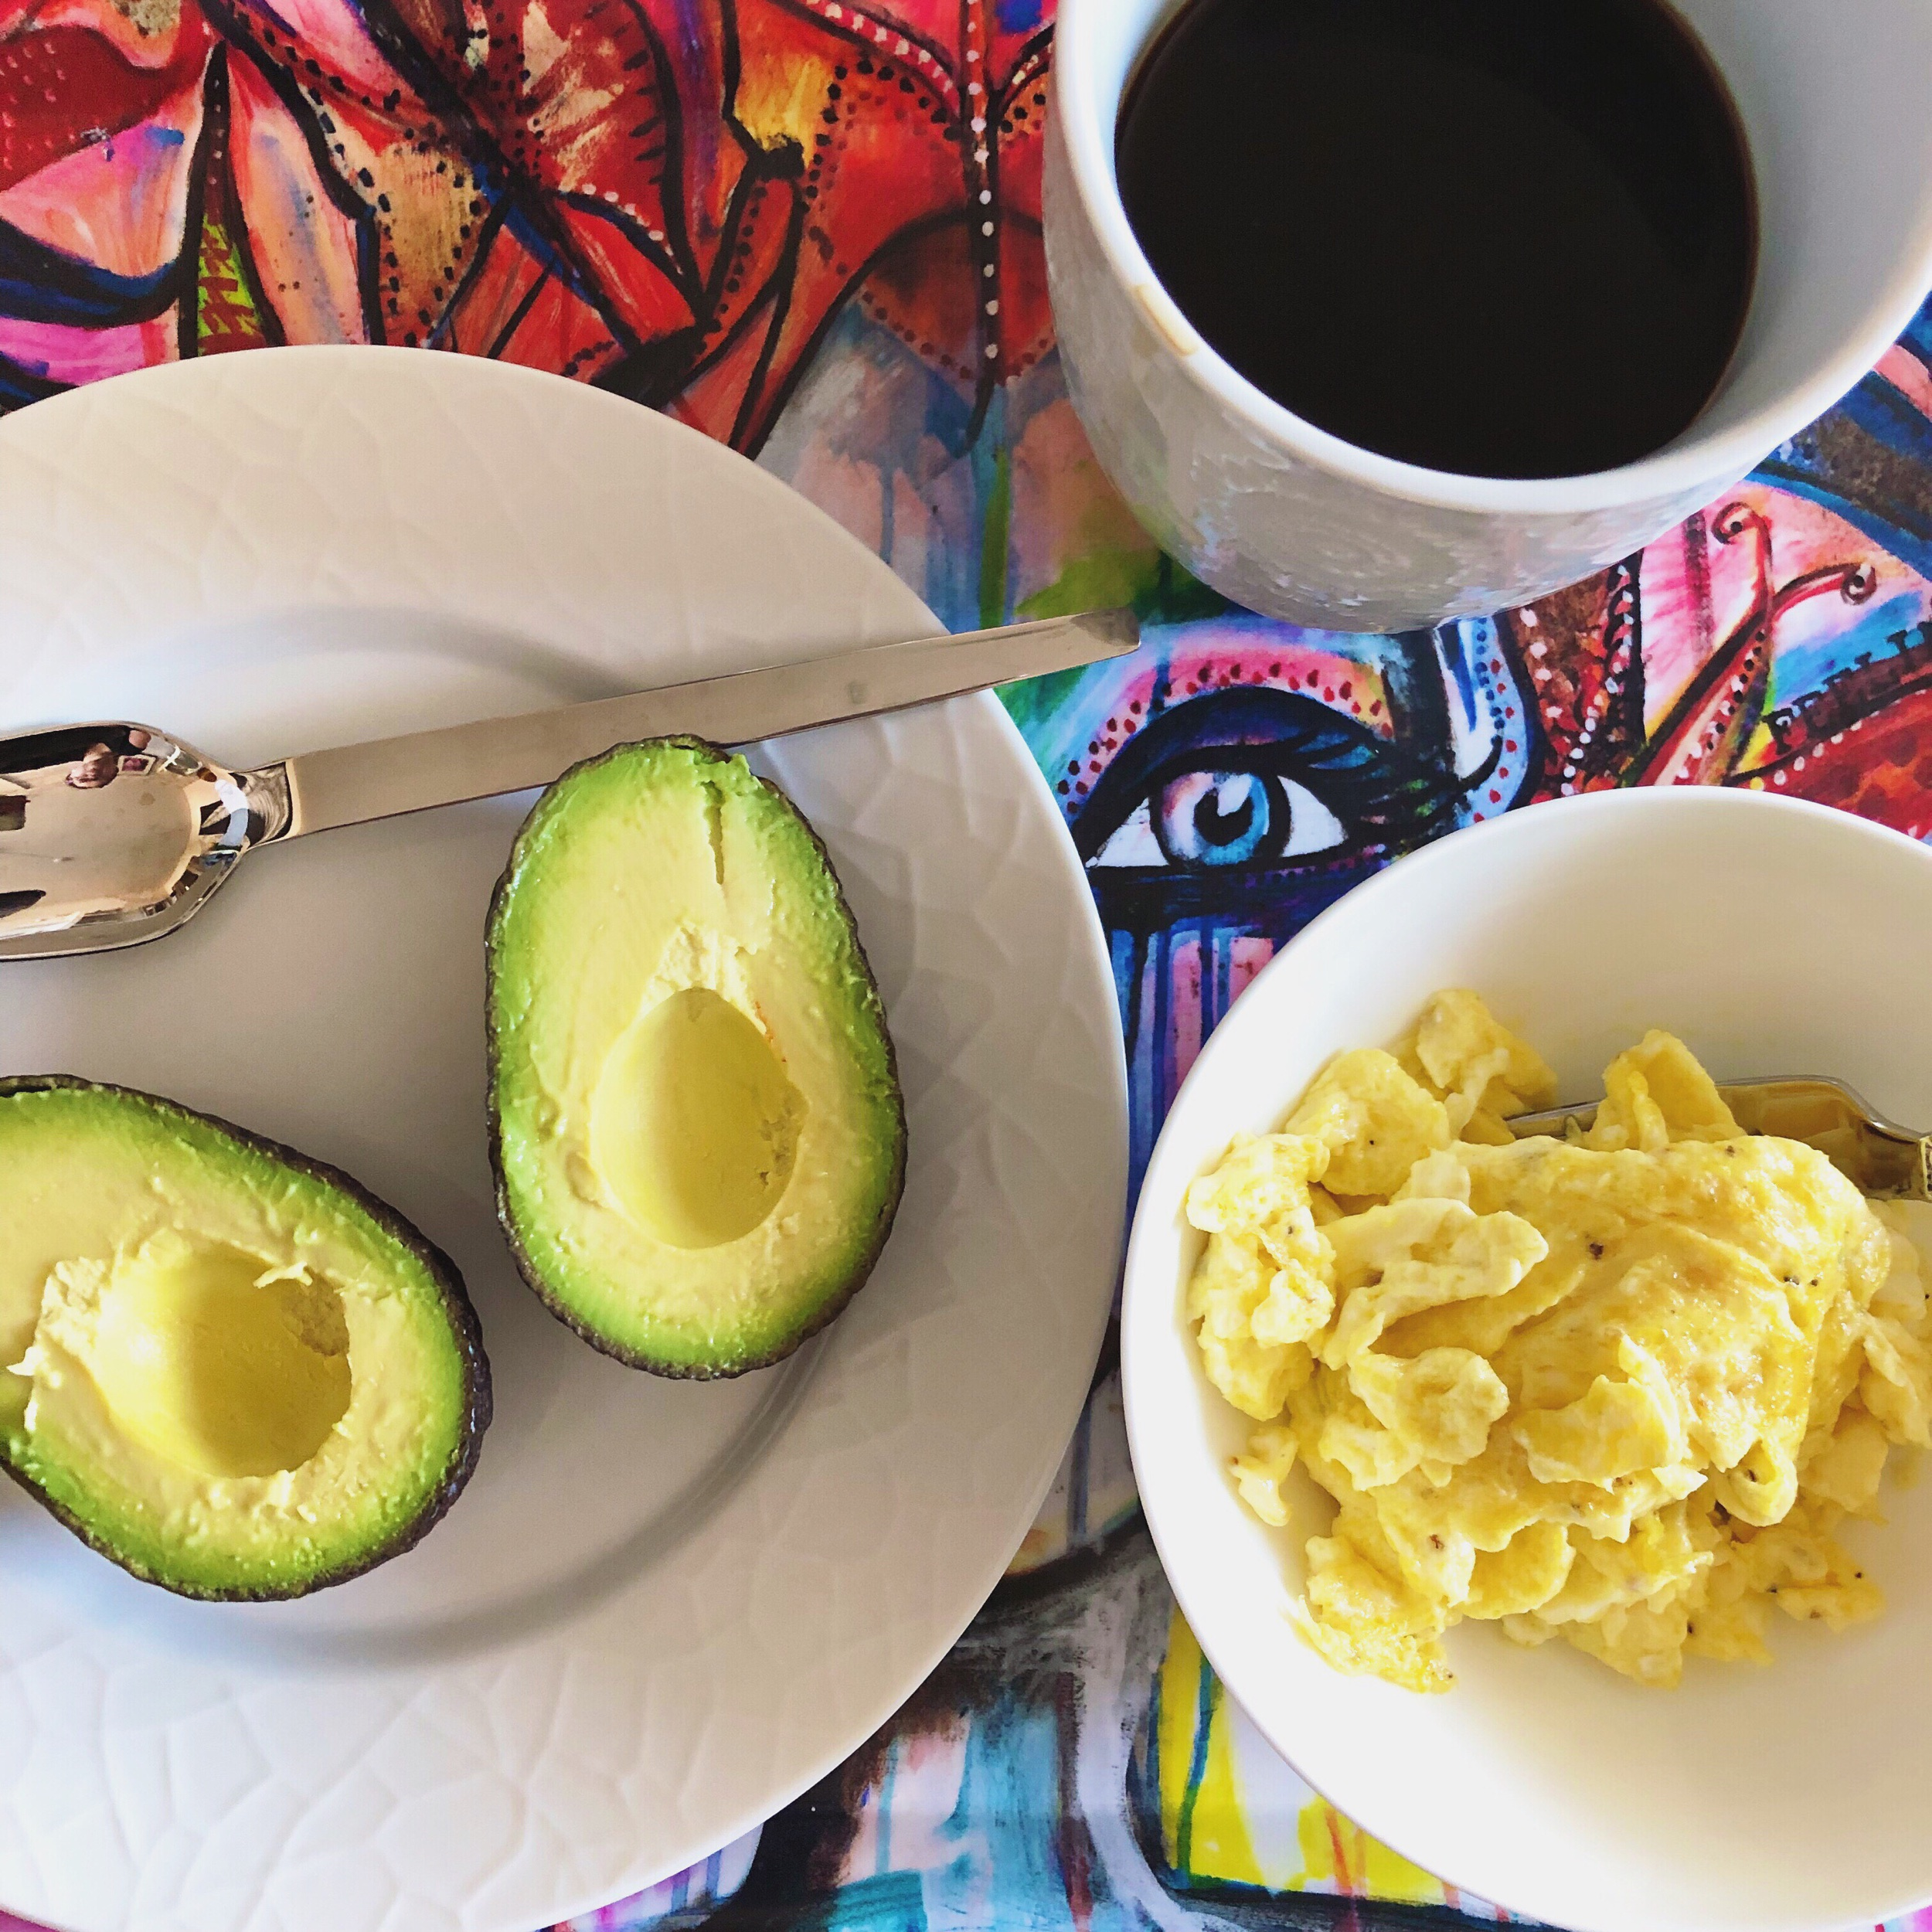 En kopp kaffe, en styck avokado och äggröra gjort på två ägg 👌🏼.